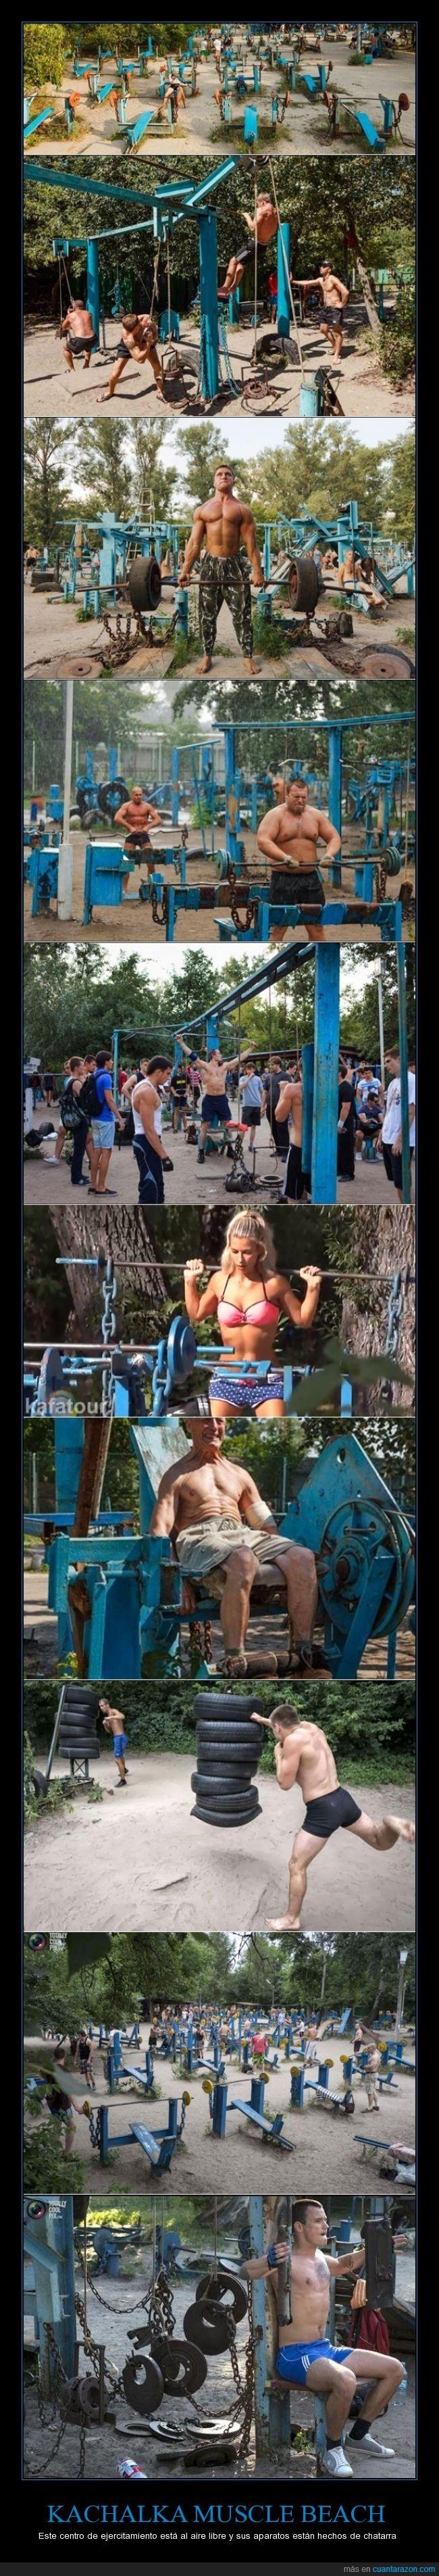 Cachemira Jagelsky,chatarra,ejercitamiento al aire libre,gimnasio,Isla de Tuhev,Kachalka Muscle Beach,Ucrania,Un gimnasio para hombres ¡y no 'payasos'!,Yuri Kuk